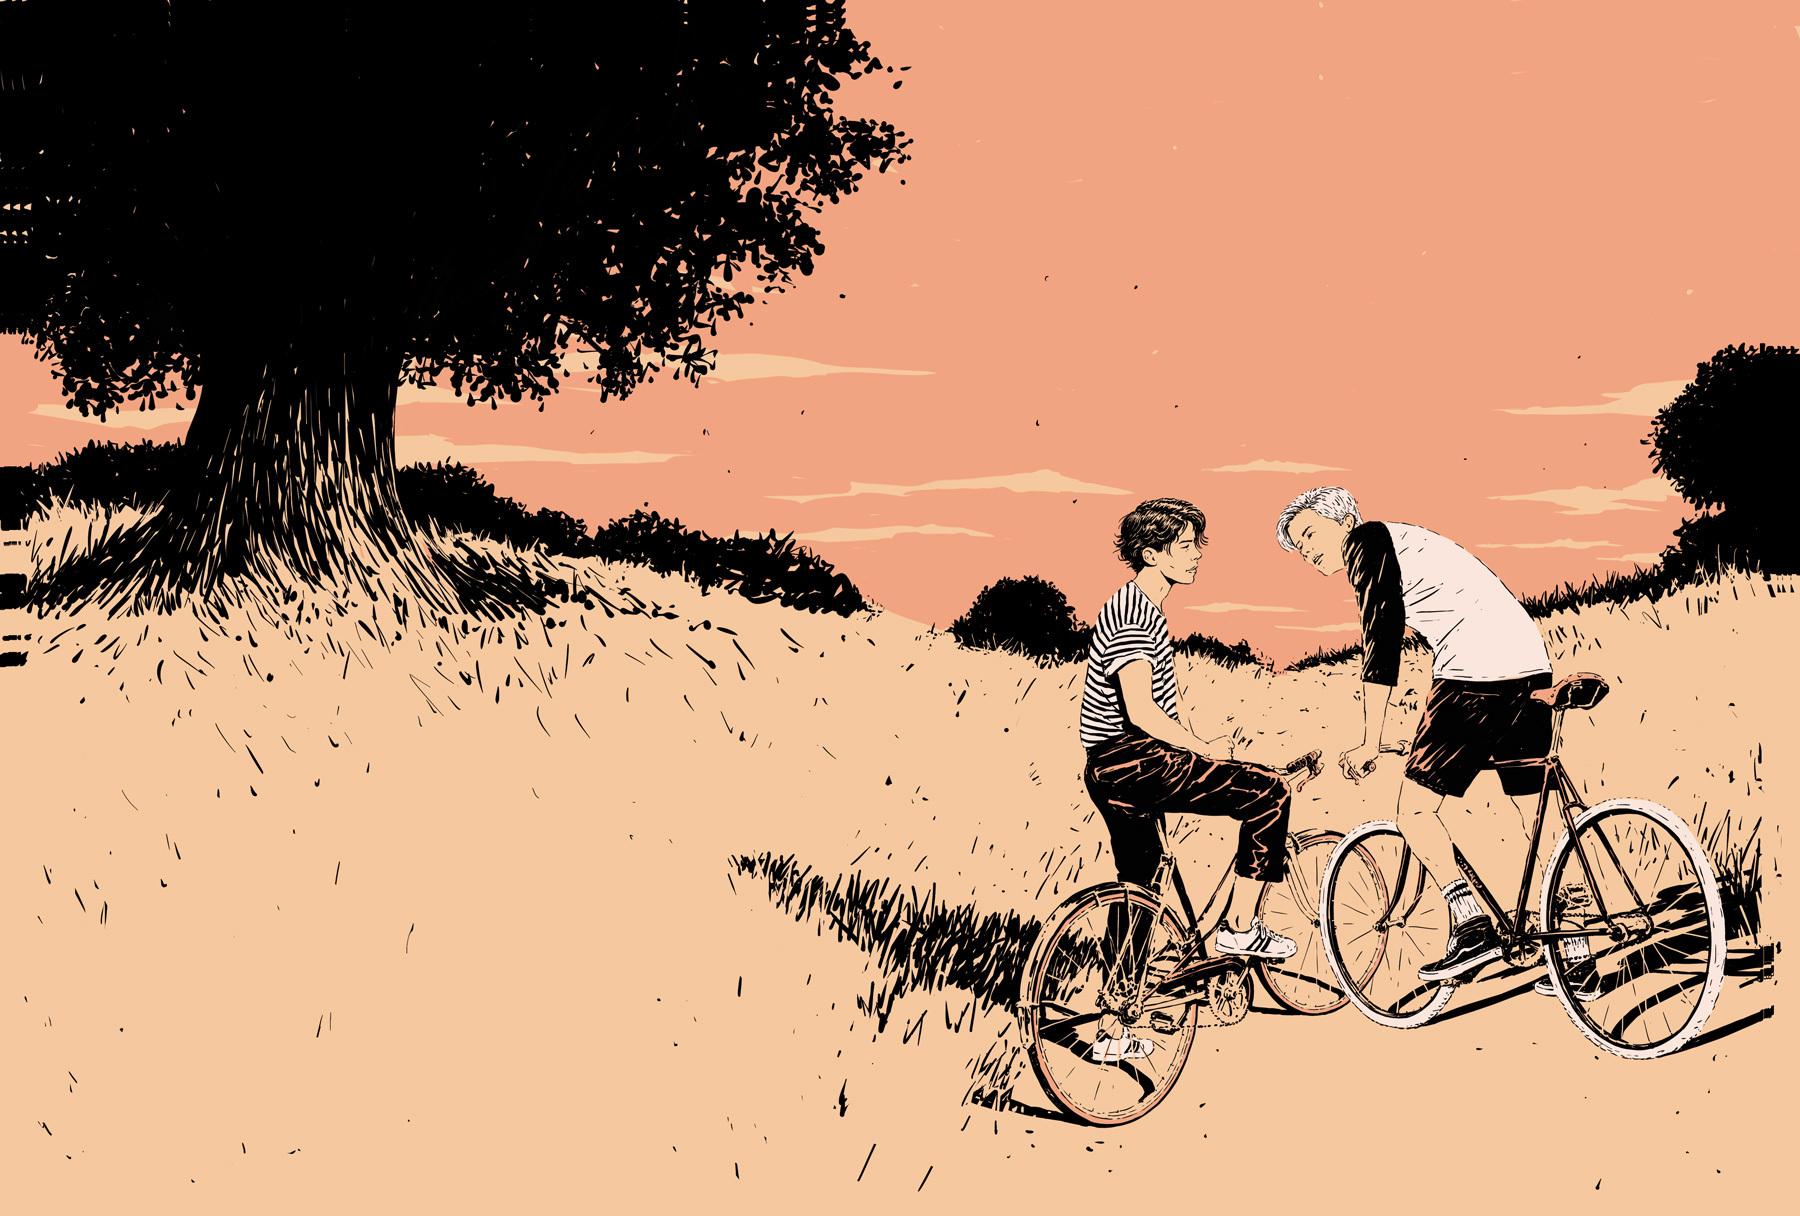 Иллюстрация собложки книги «Тот самый». Художник: Adams Carvalho